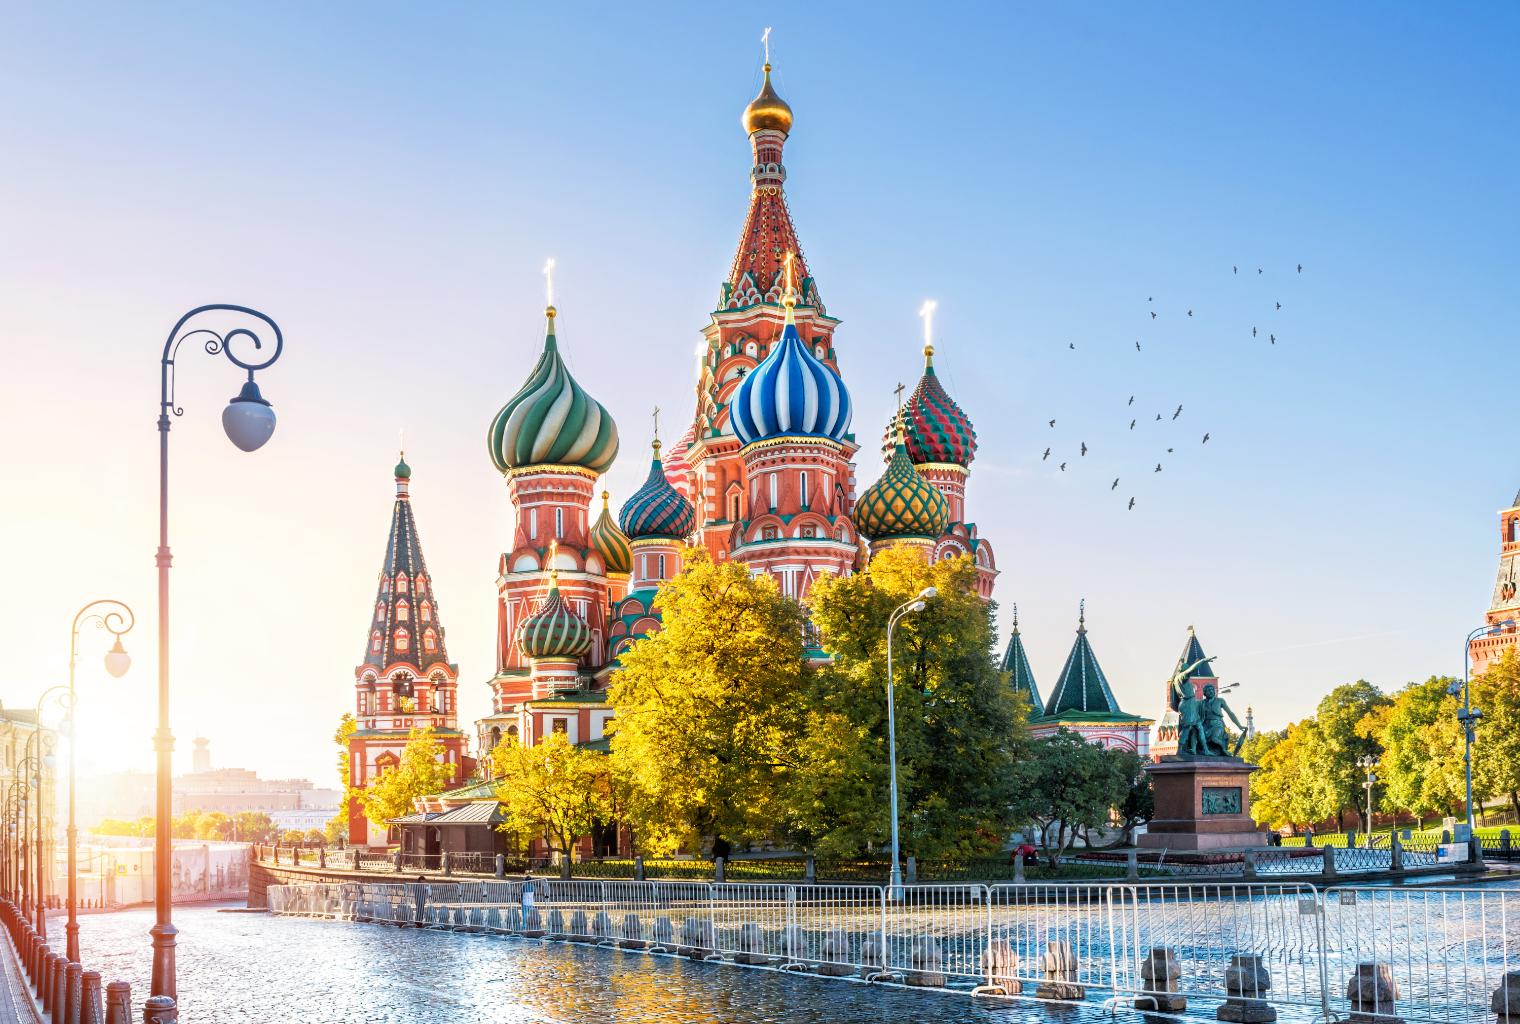 Resmi Rusia: Tagihan Cryptocurrency Diselesaikan - Efek pada Pembayaran, Pertukaran, Penambang